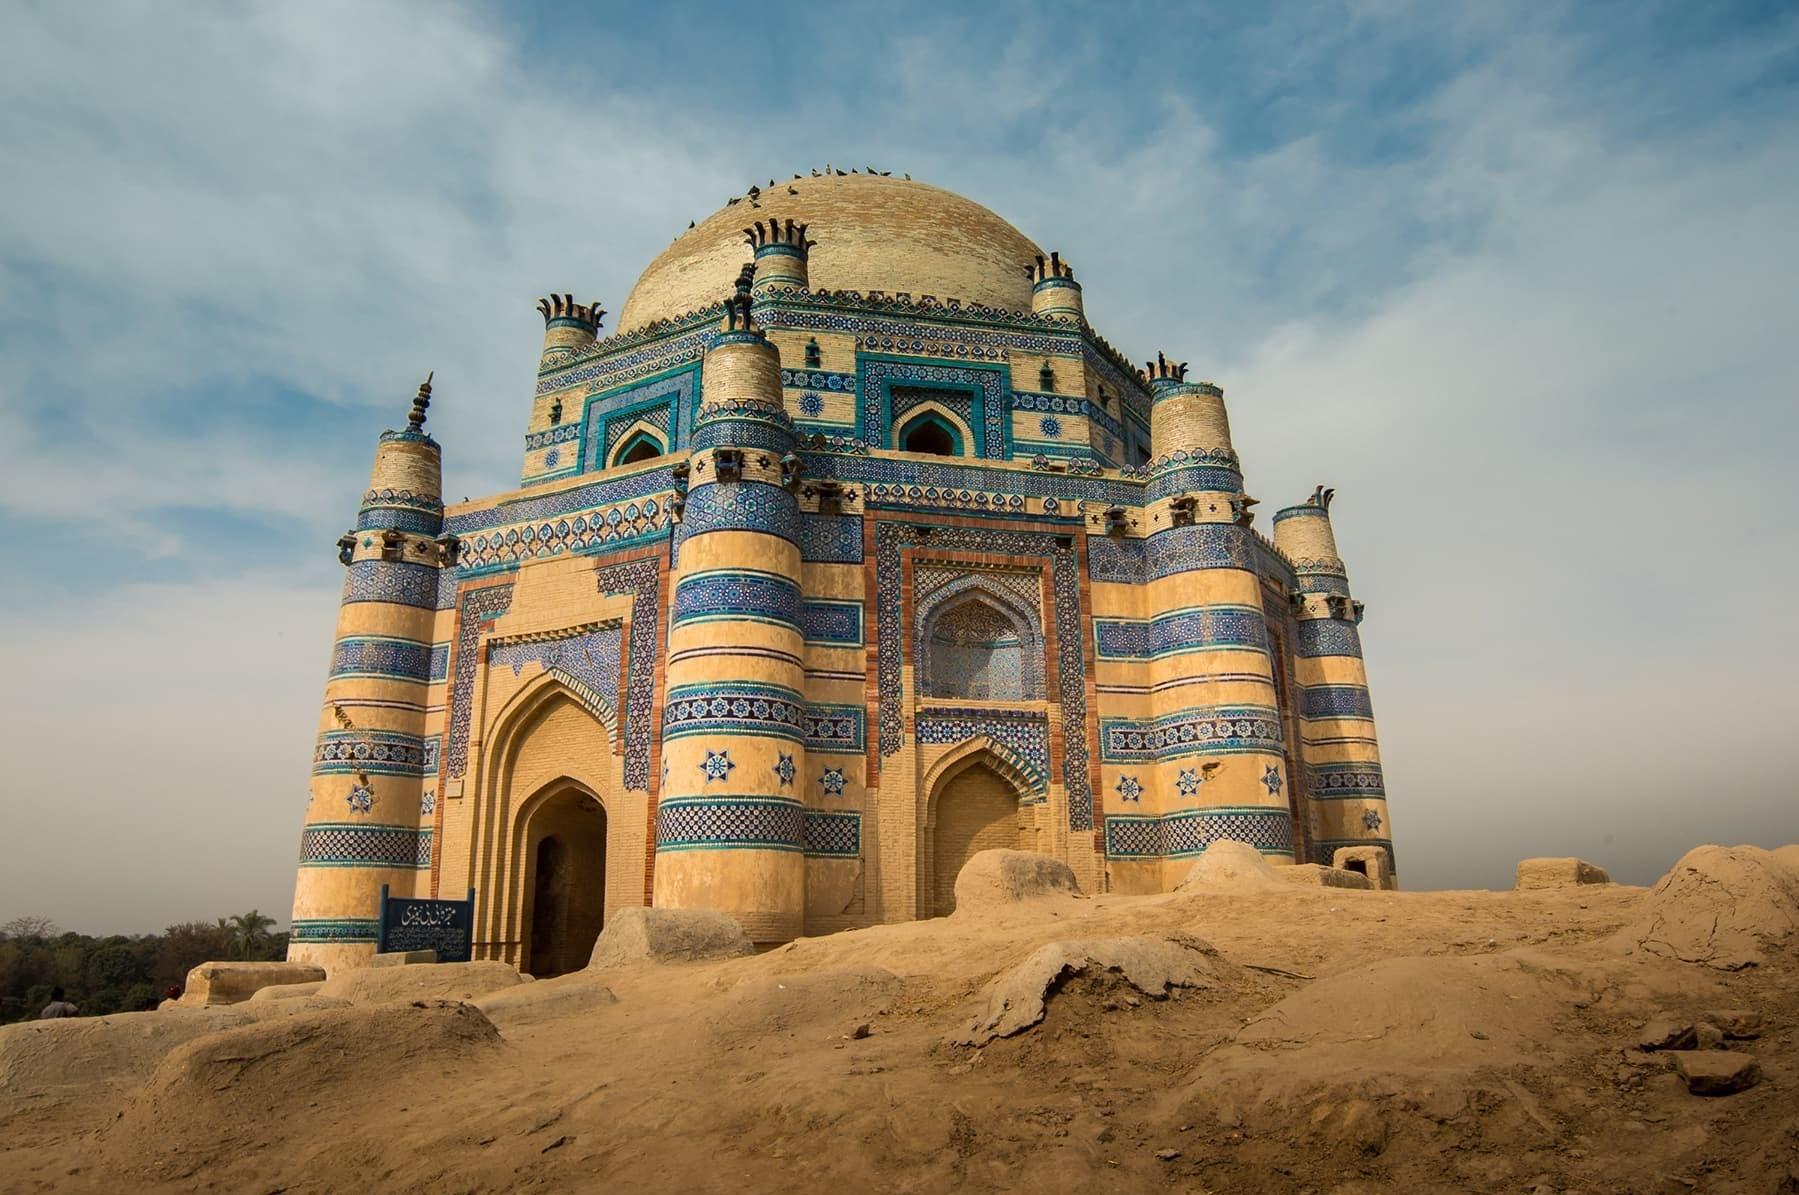 1394072815481768963360010 تصاویر زیبا از مکانهای دیدنی پاکستان